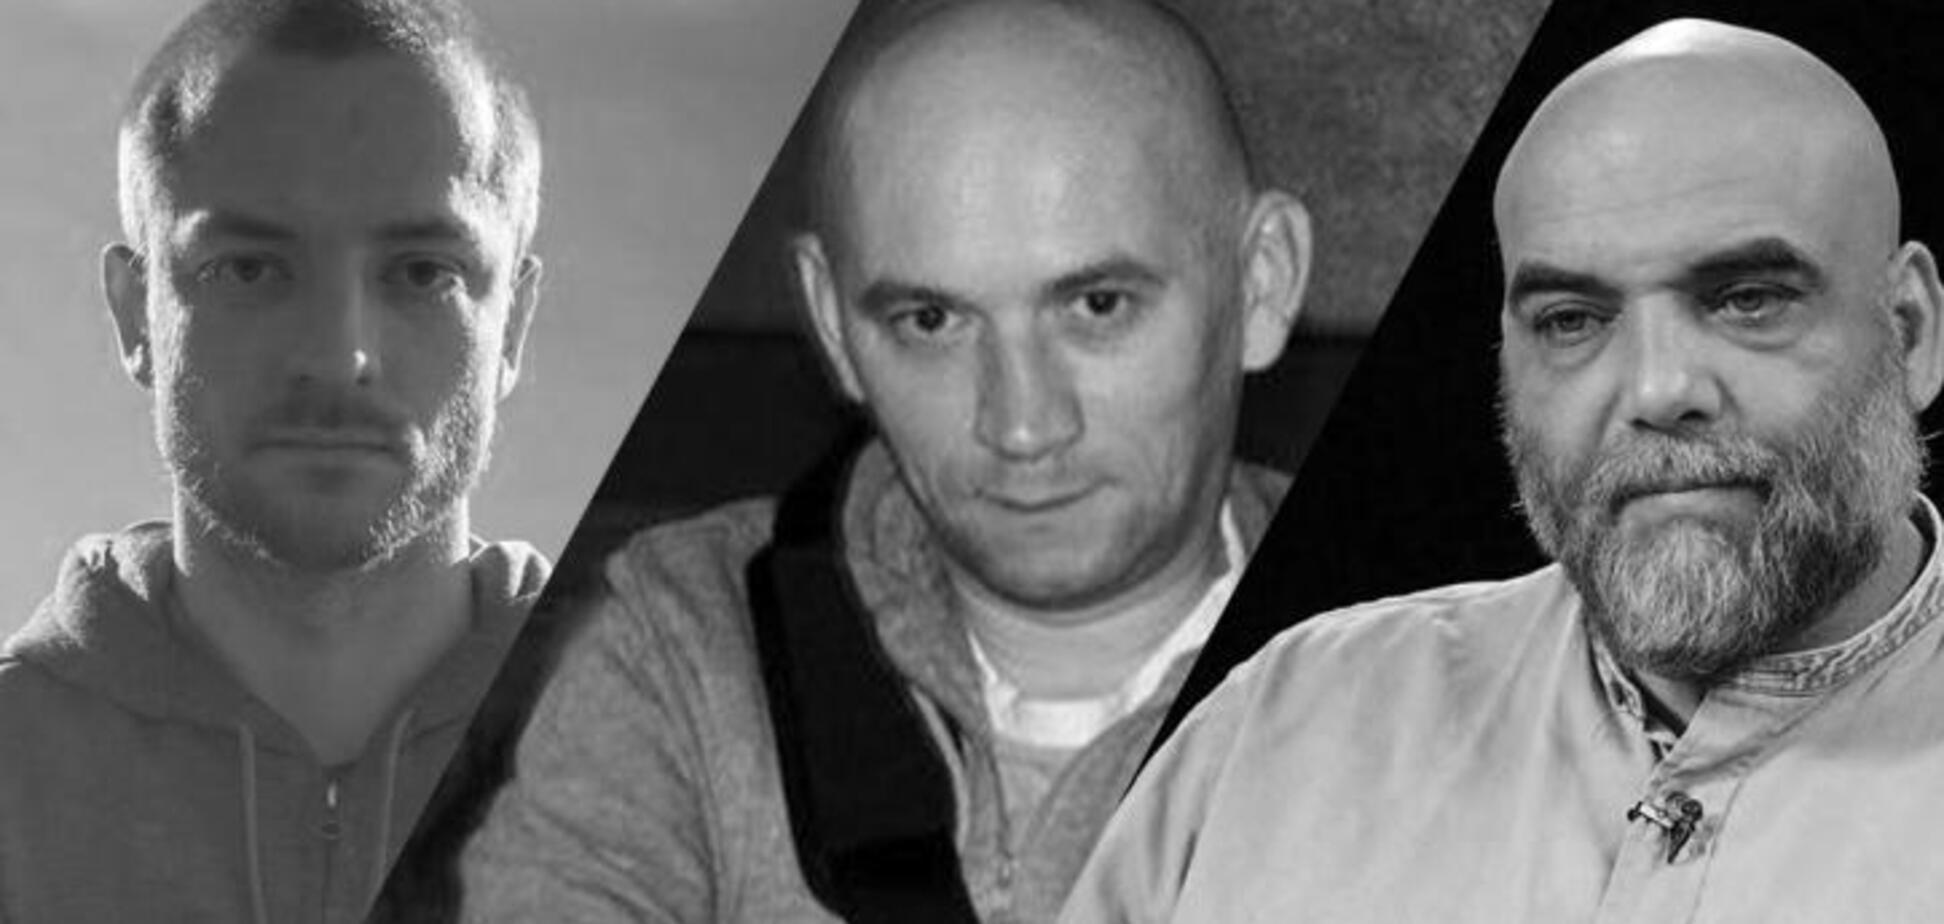 Убийство российских журналистов в ЦАР: появился первый снимок (18+)